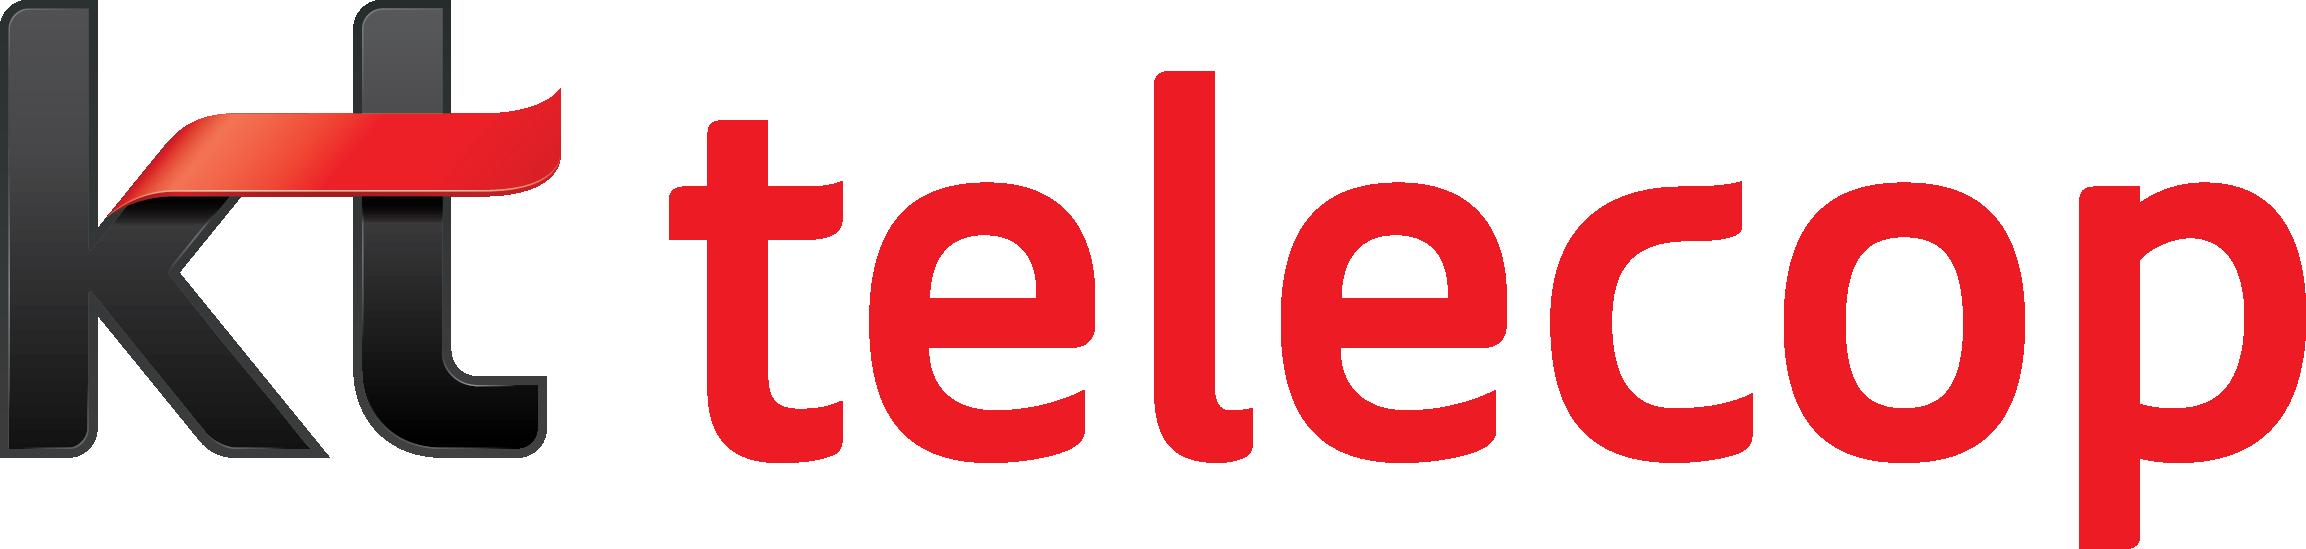 KT Telecop